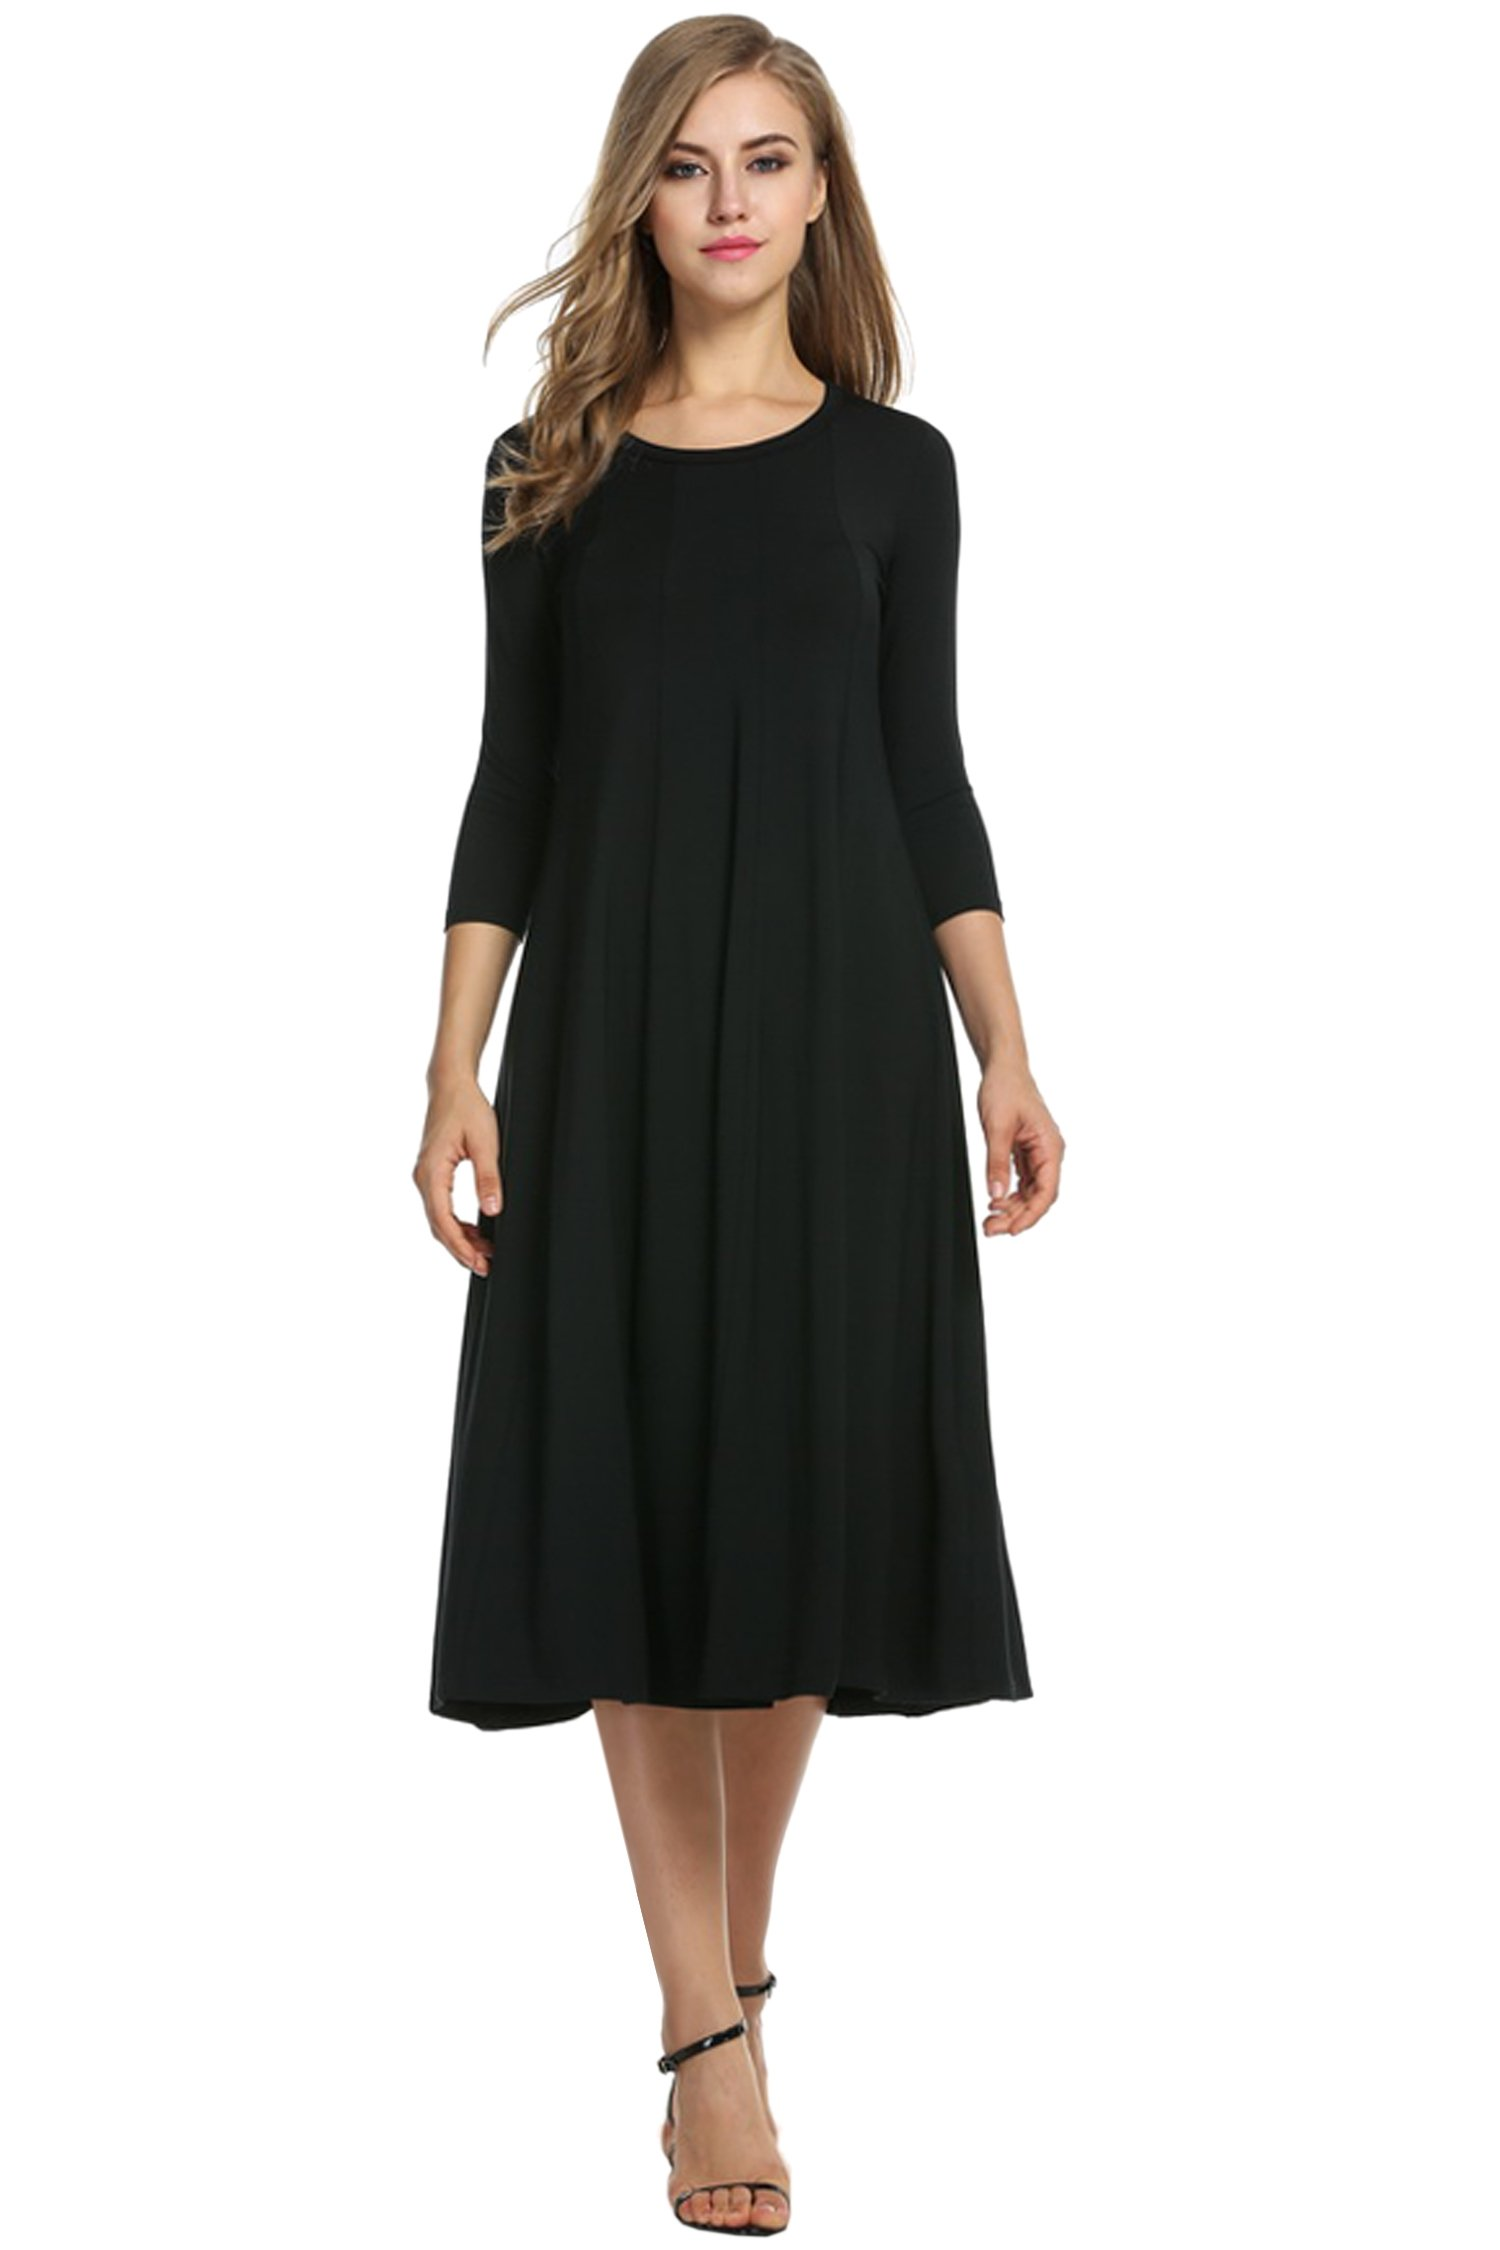 Robe noire bretelles larges